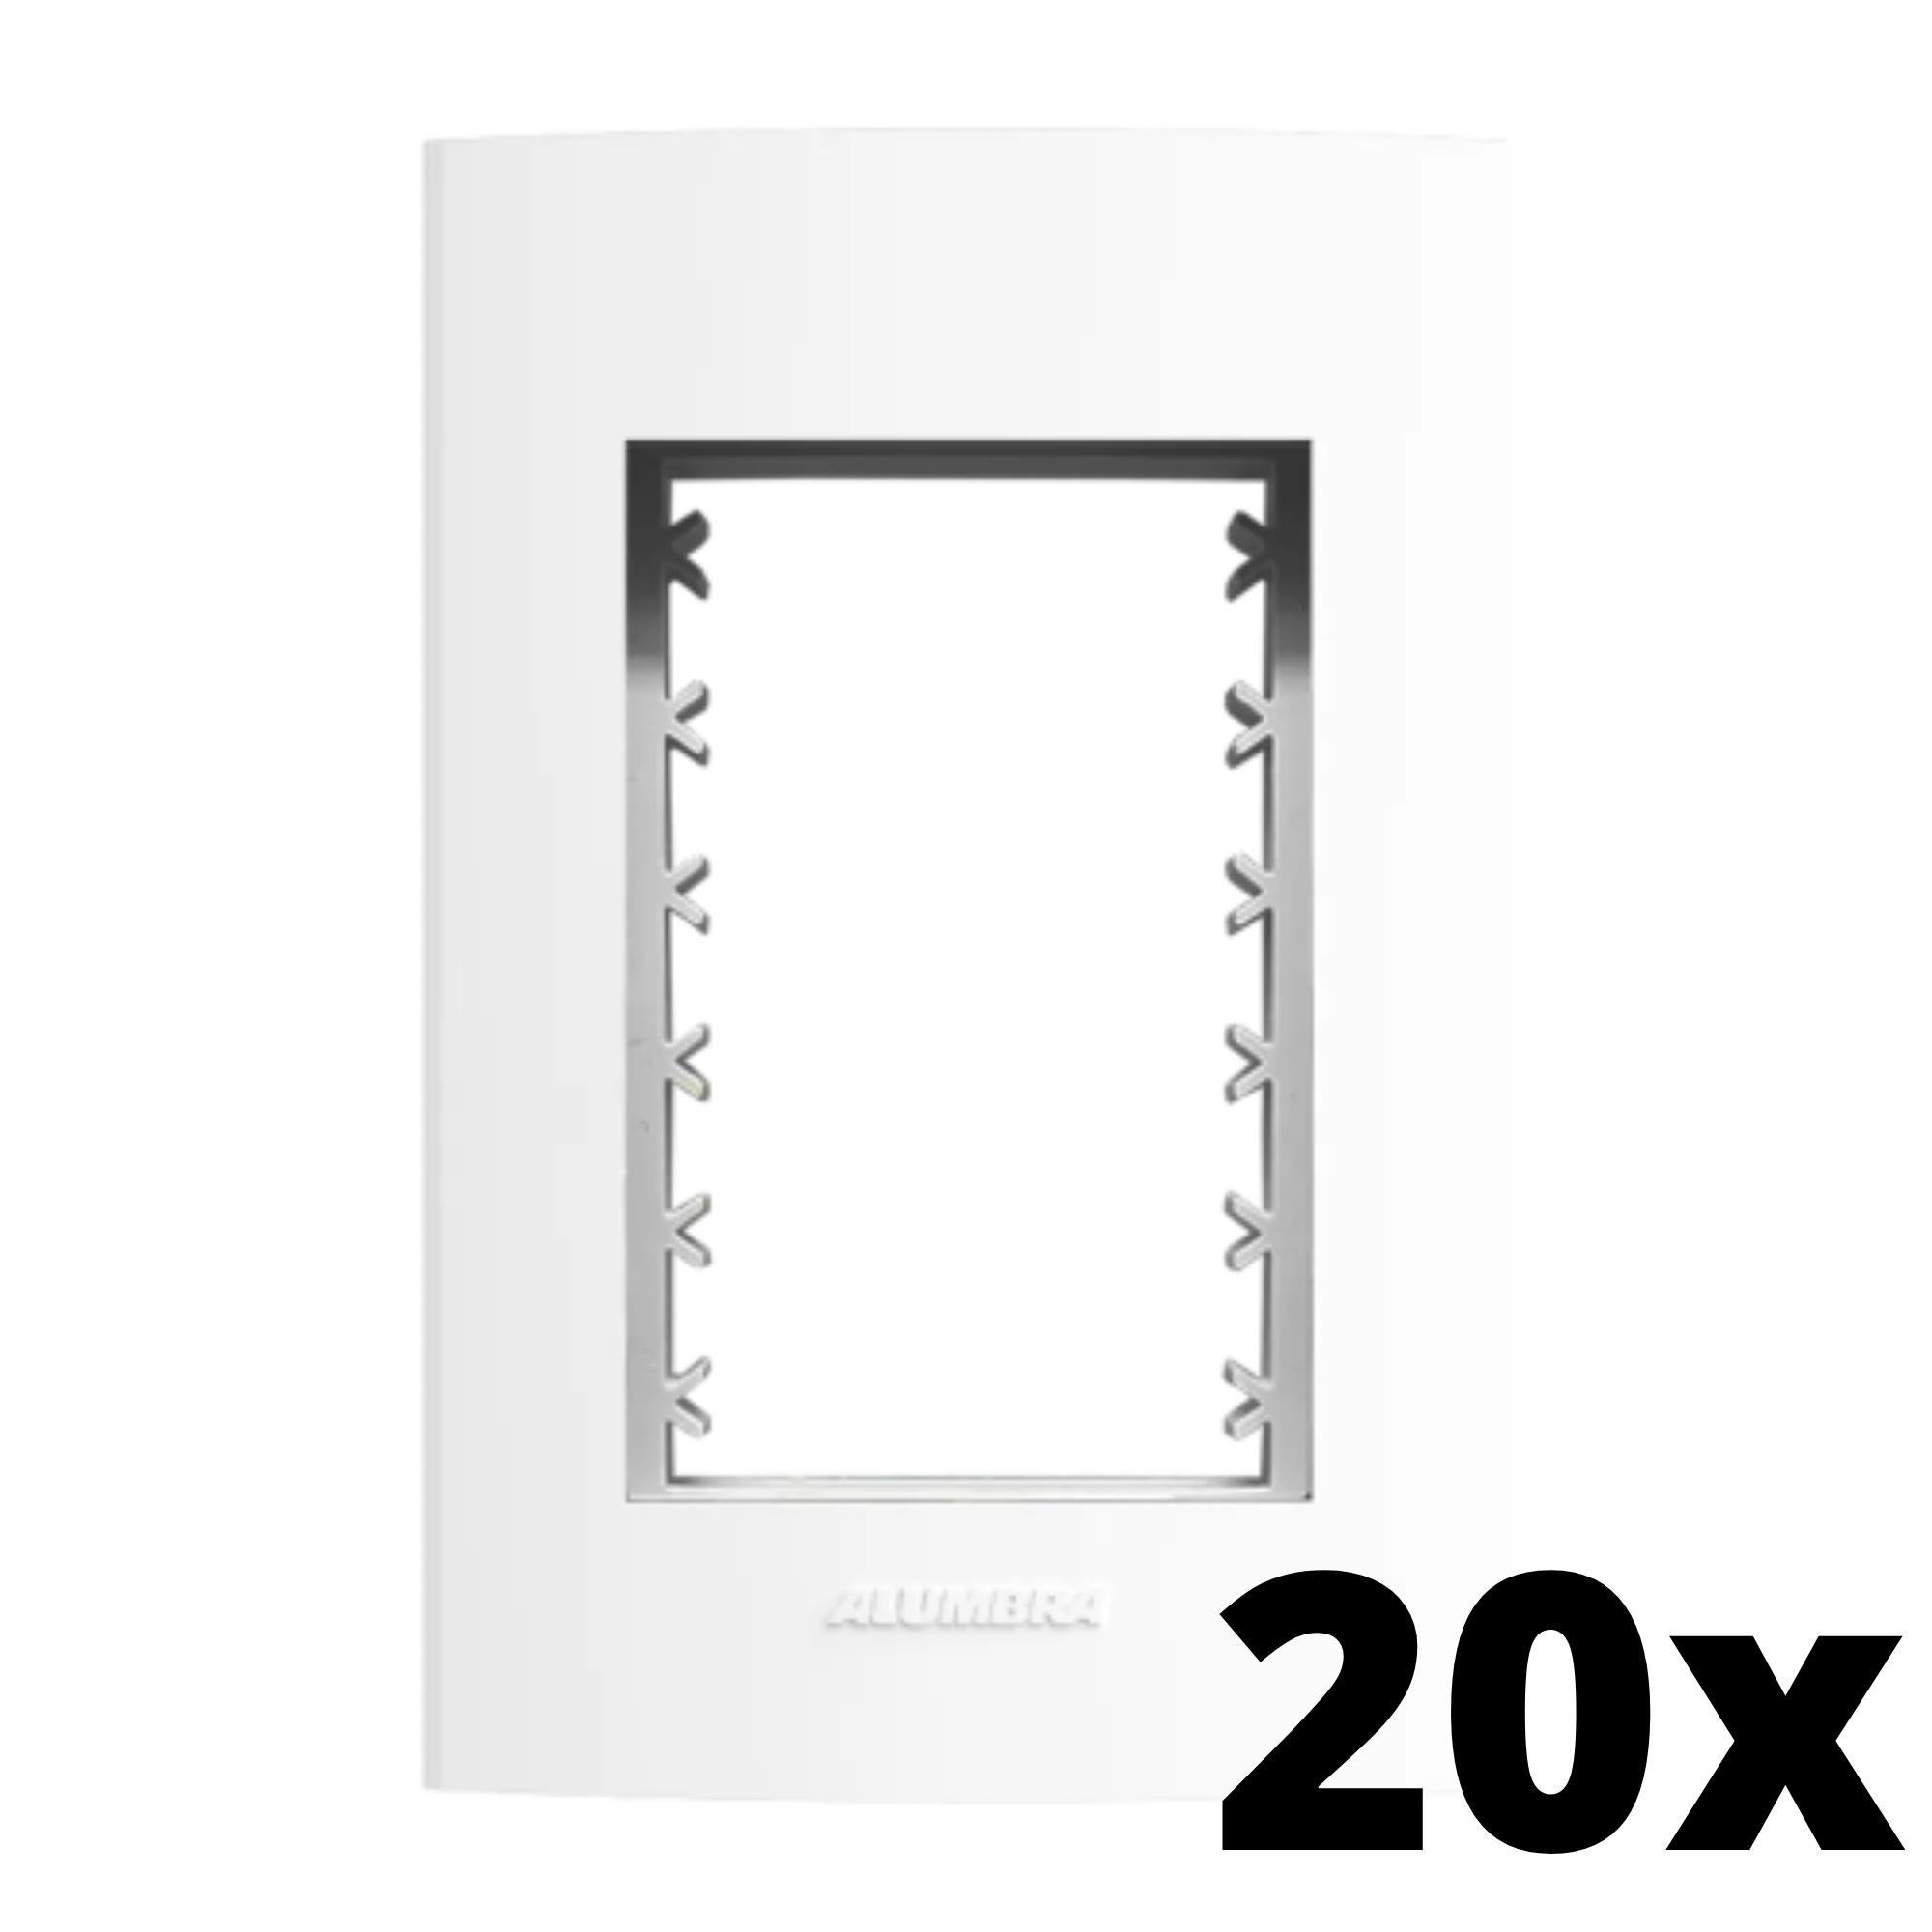 Kit 20 und Inova Pró Placa 4x2 3 Seções